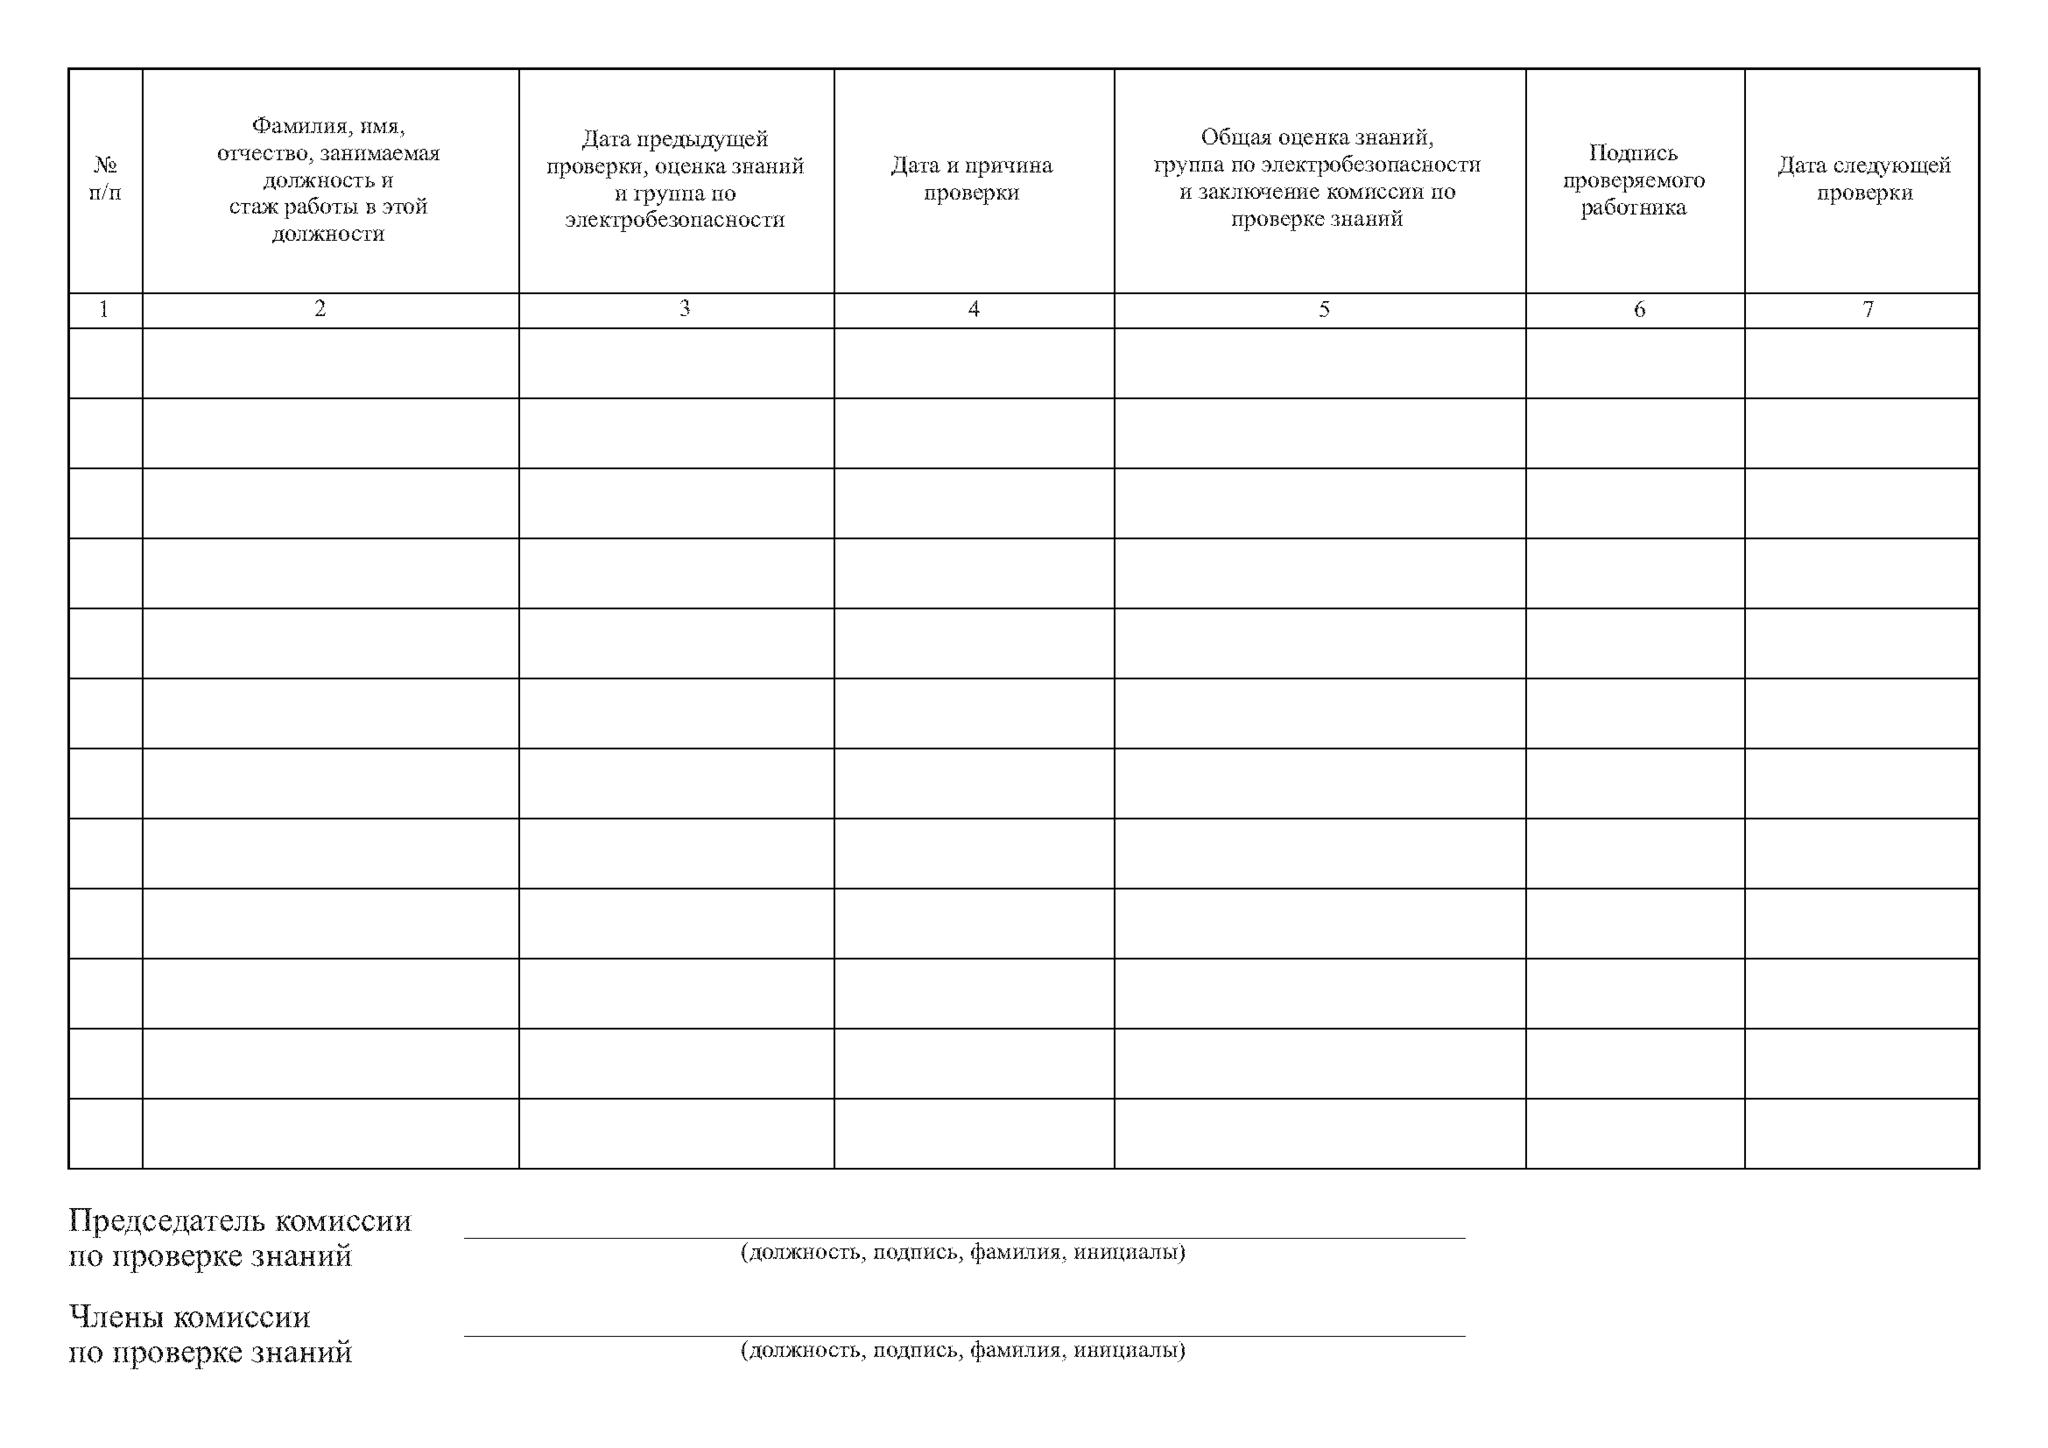 Дата следующей проверки знаний по электробезопасности порядок присвоения 3 квалификационной группы по электробезопасности